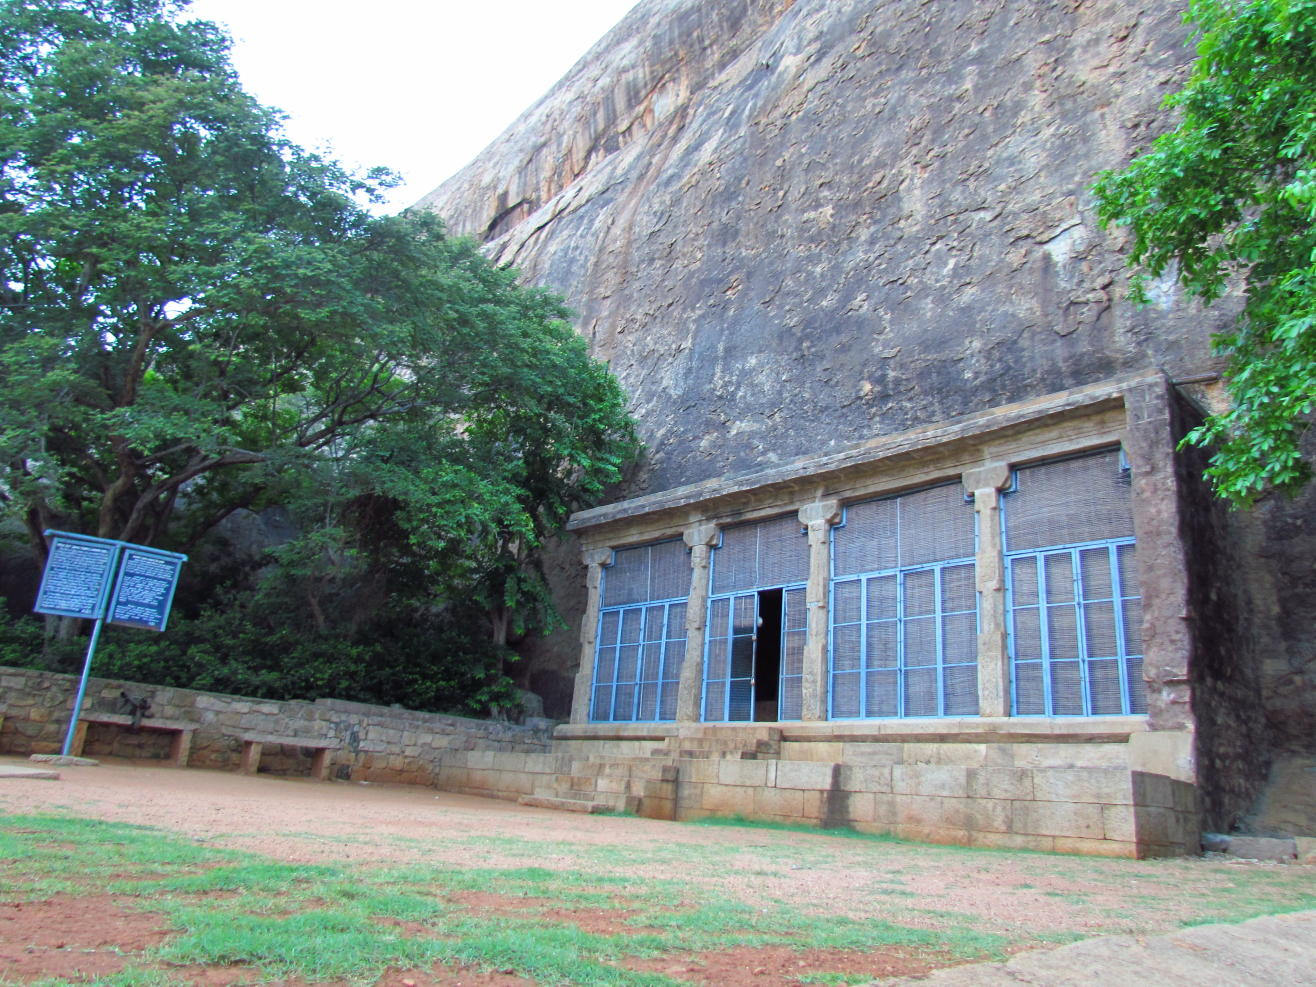 Rock-Cut Jain Temple